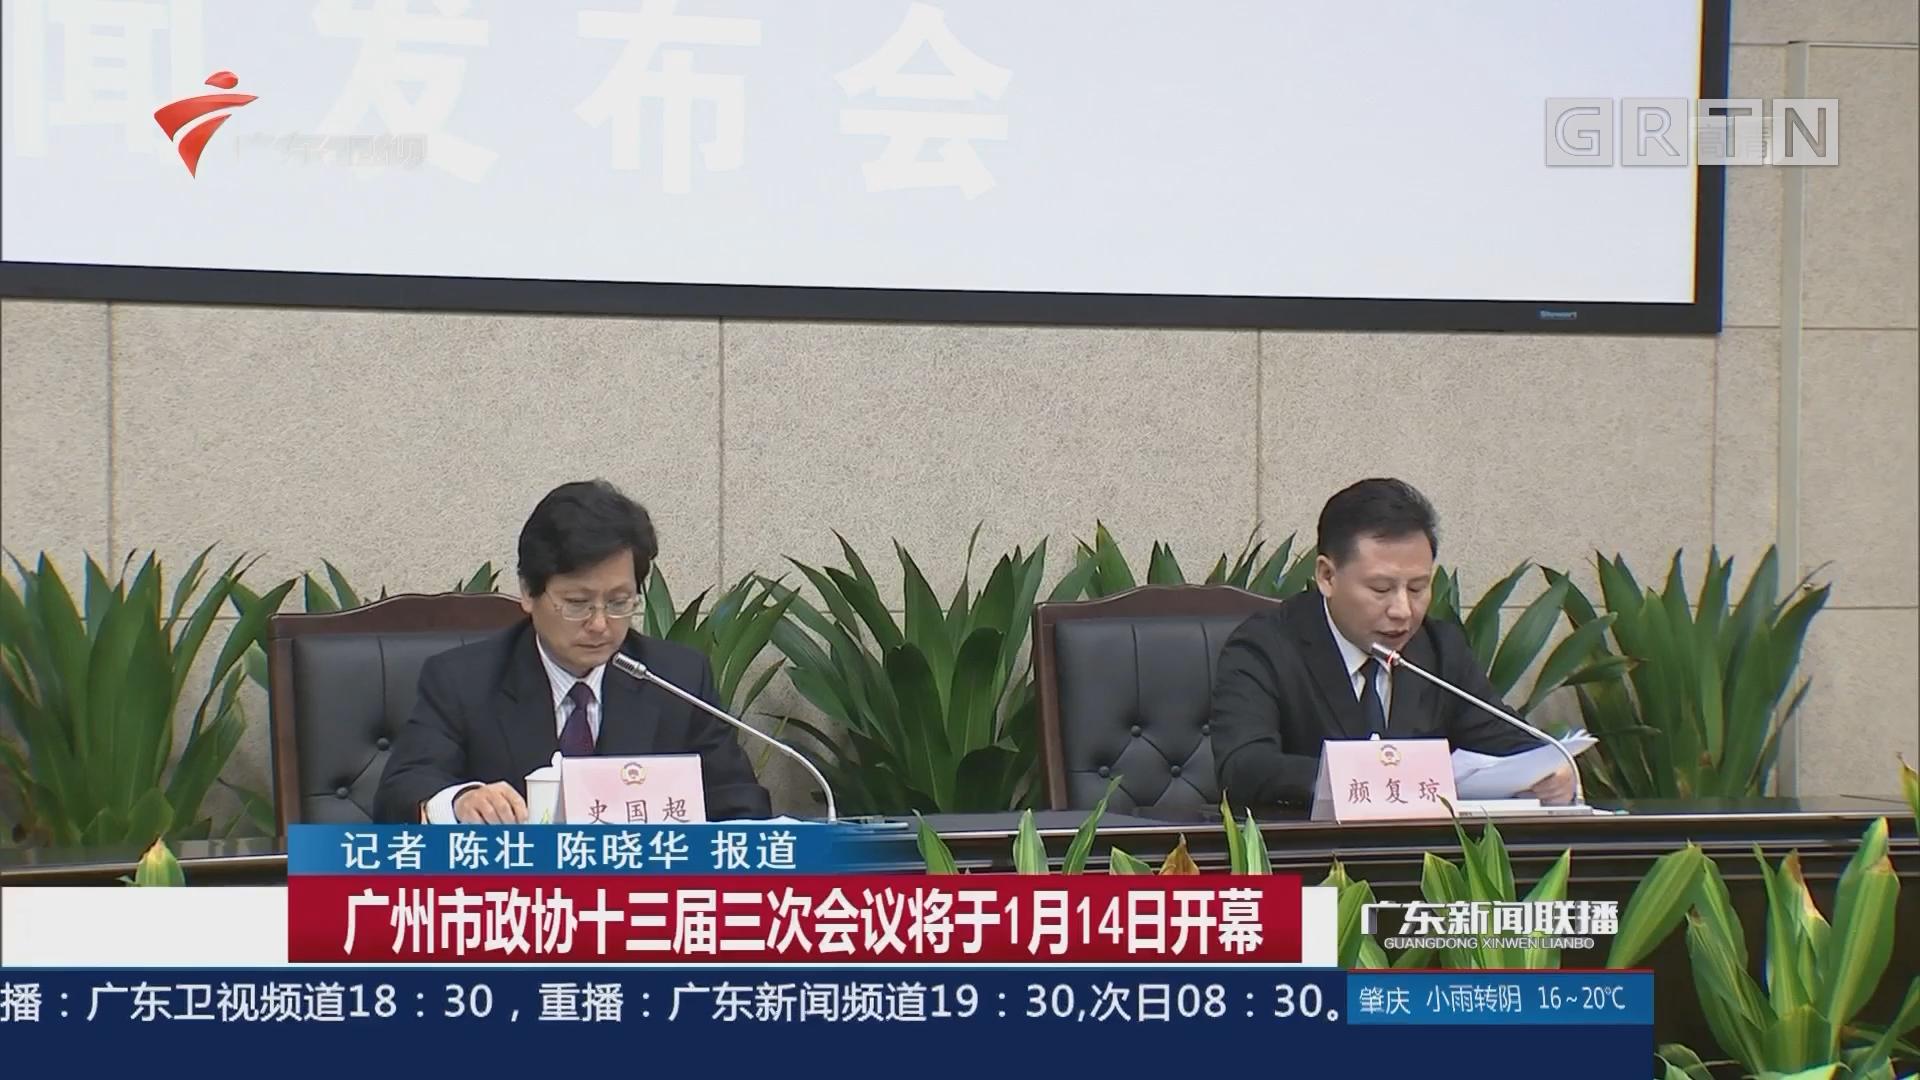 广州市政协十三届三次会议将于1月14日开幕